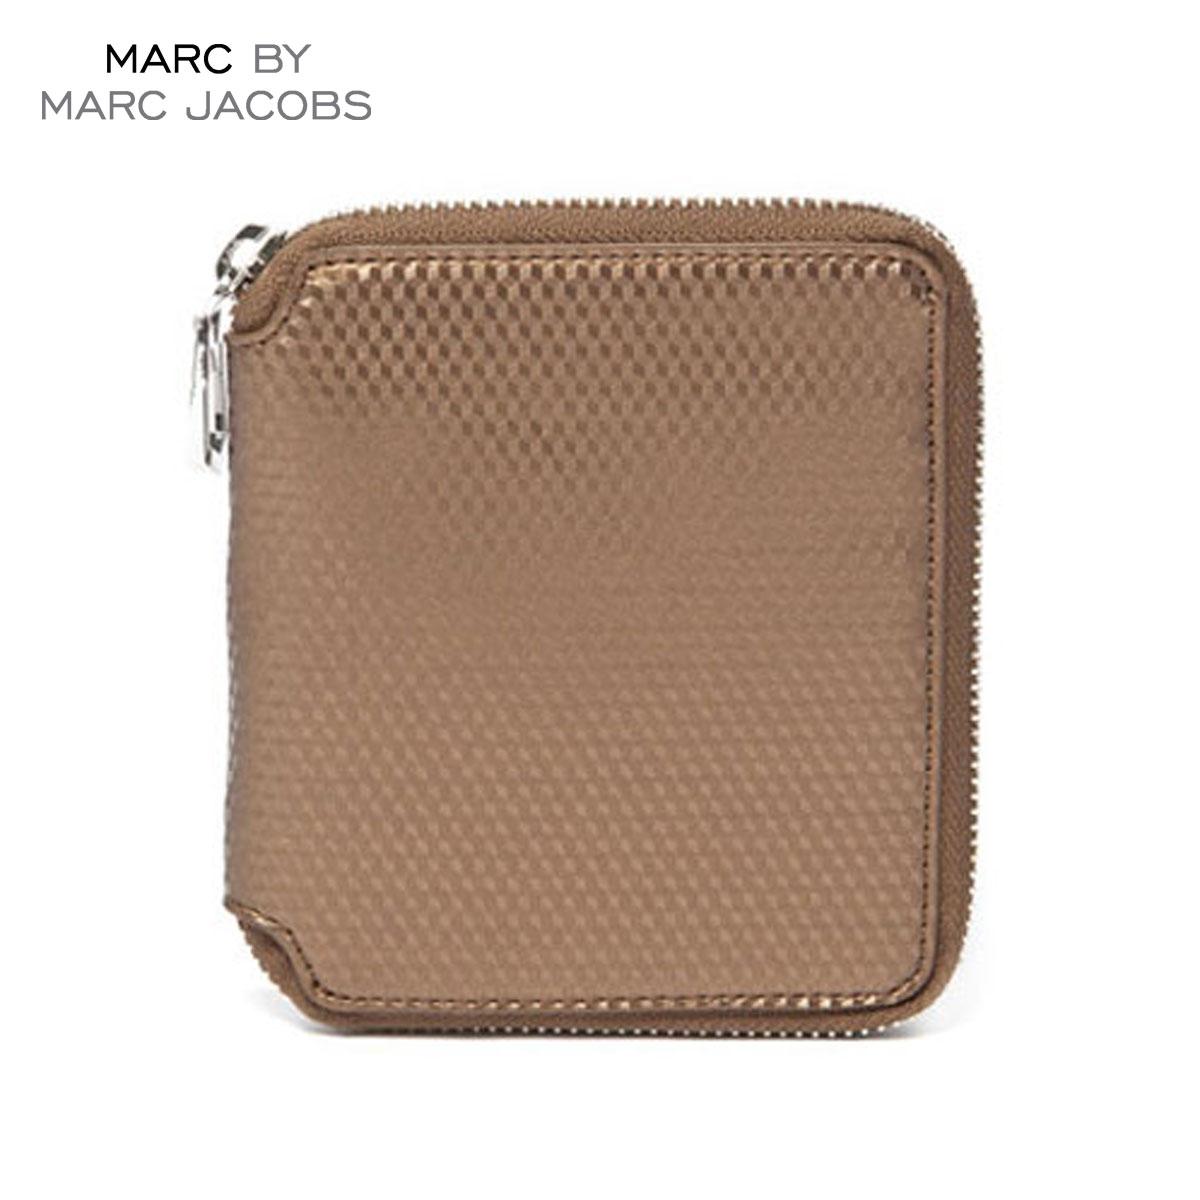 【販売期間 4/2 10:00~4/8 09:59】 マークジェイコブス MARCJACOBS 正規品 財布 Cube Zip Wallet 4.5 x5.125 D20S30